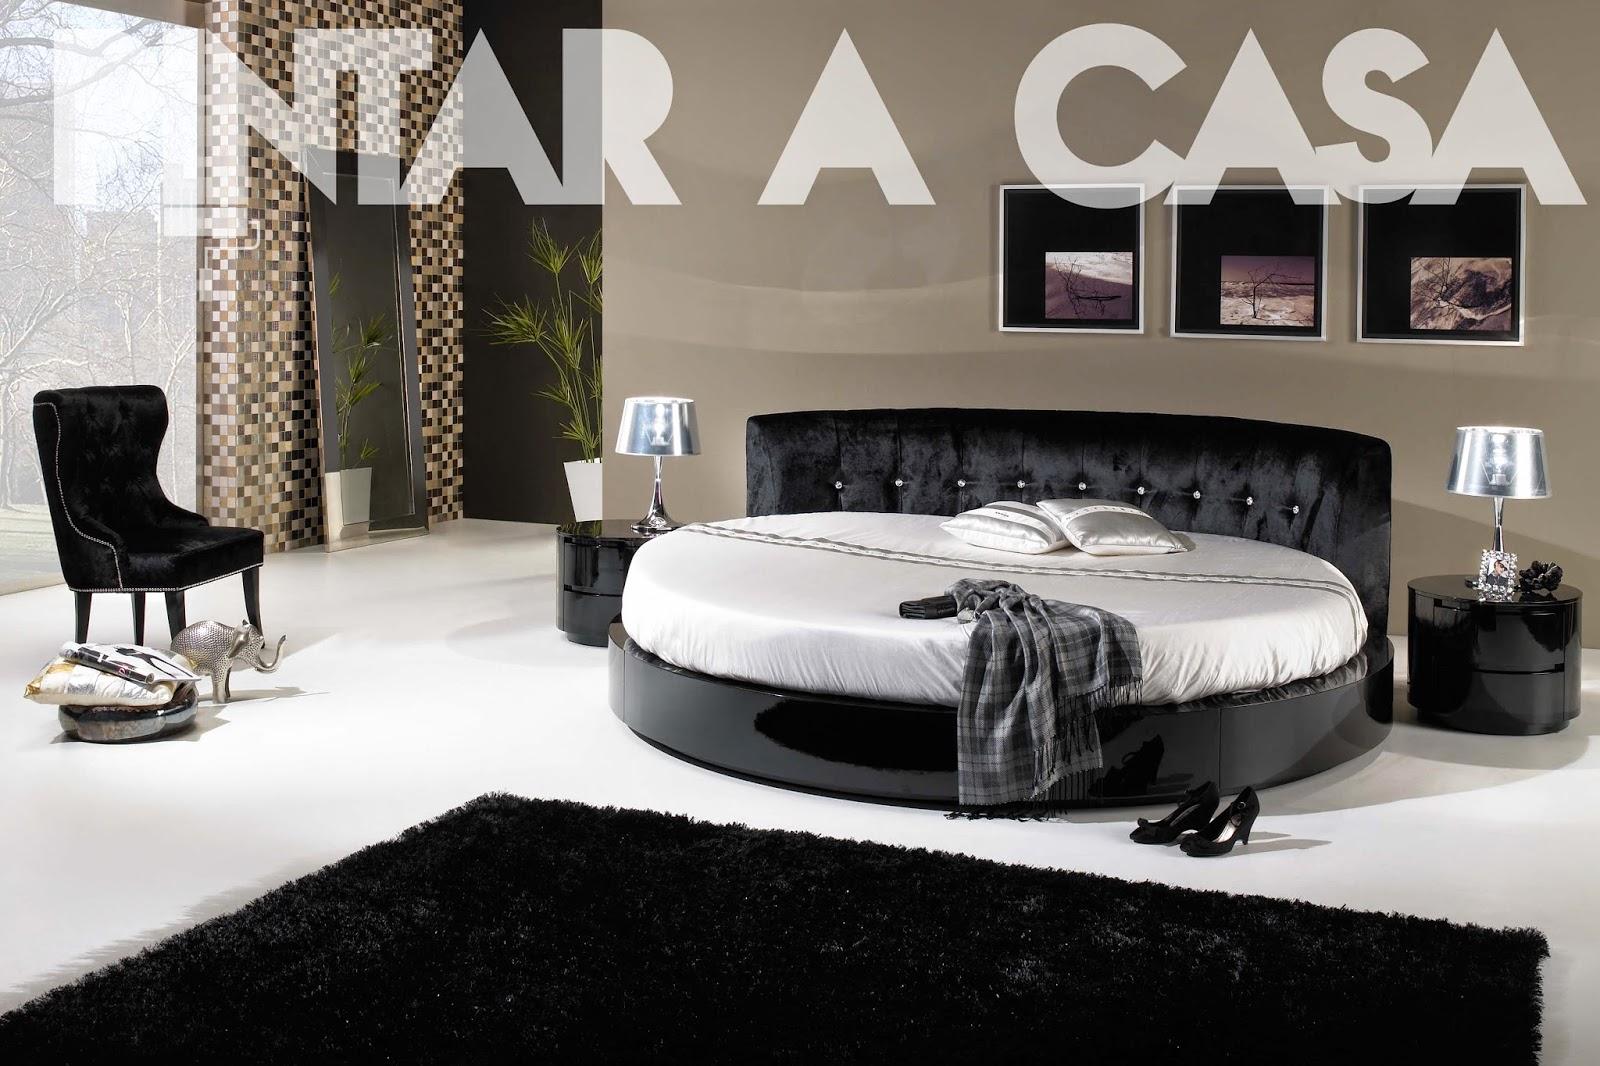 quarto-decoração-interior-cama-redonda